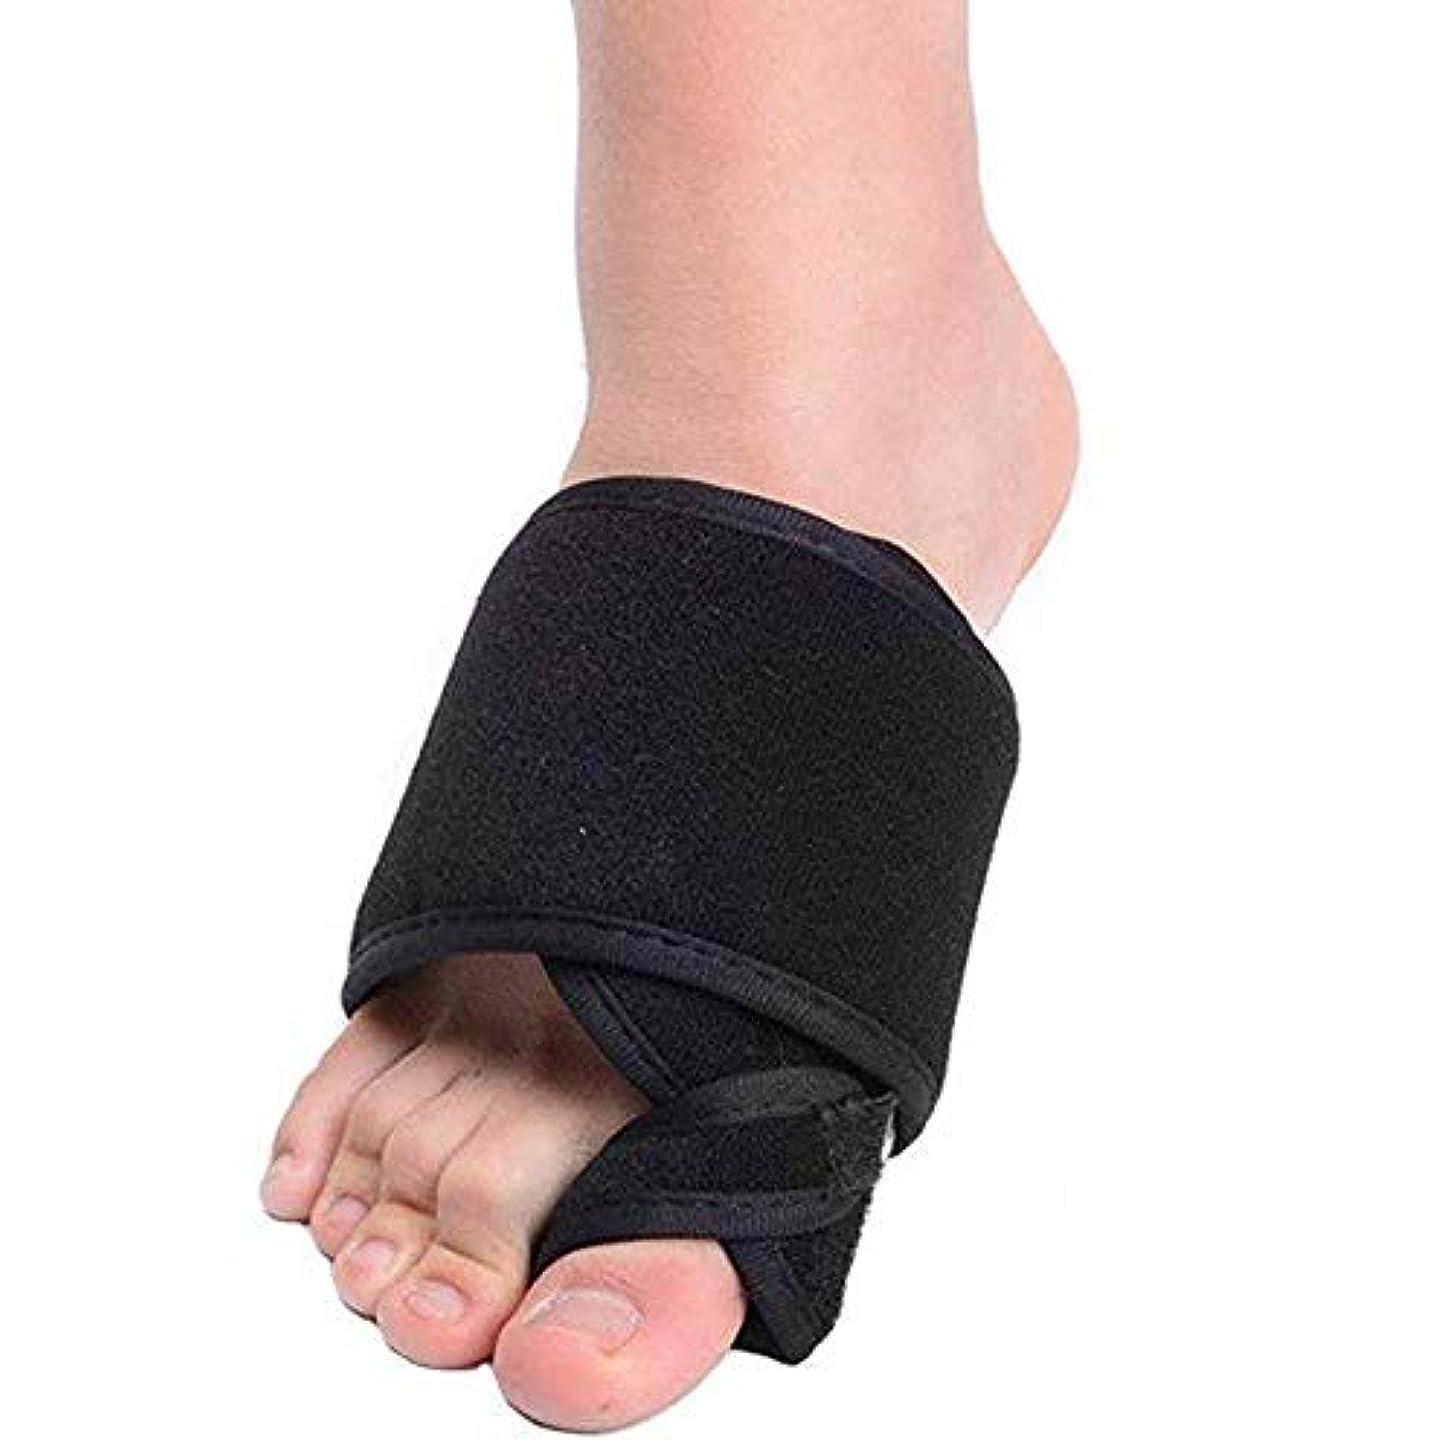 健康的スタッフマークされたスプリントサポート付きのつま先セパレーター調整可能なストラップオーバーラップトウのつま先の痛みの緩和(1)